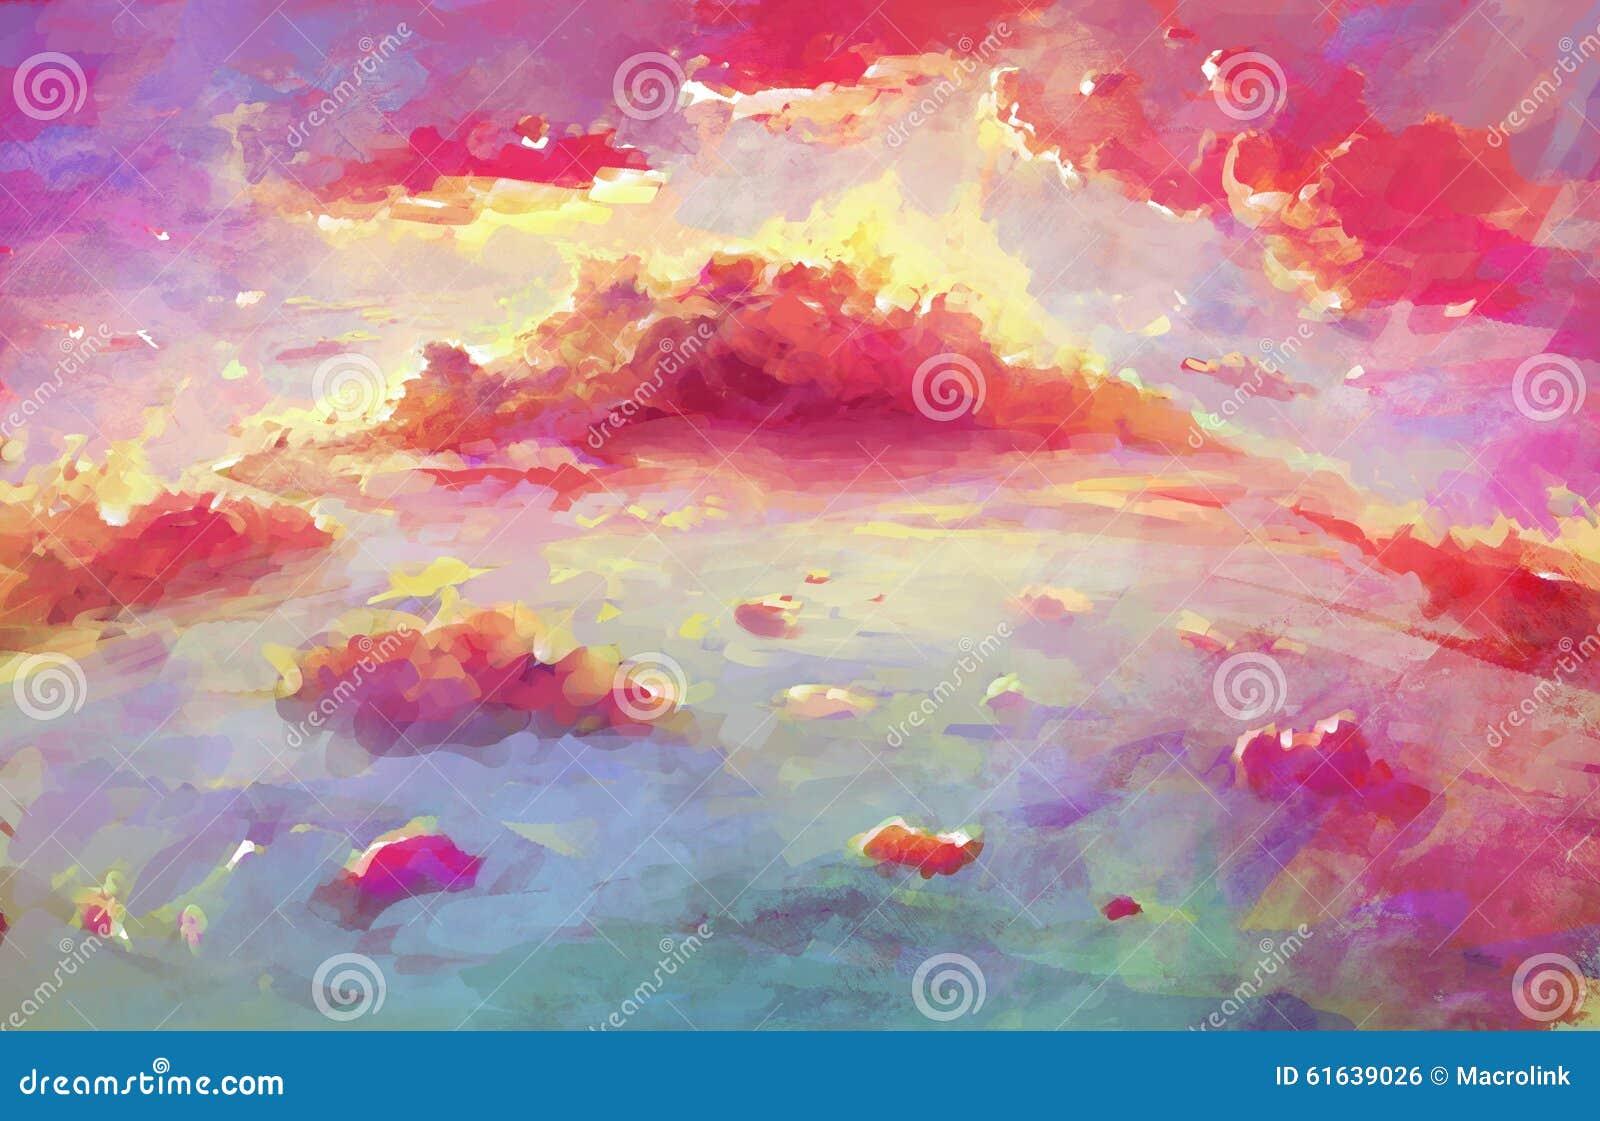 Fantasy Wallpaper Of Scenic Sunset Stock Illustration